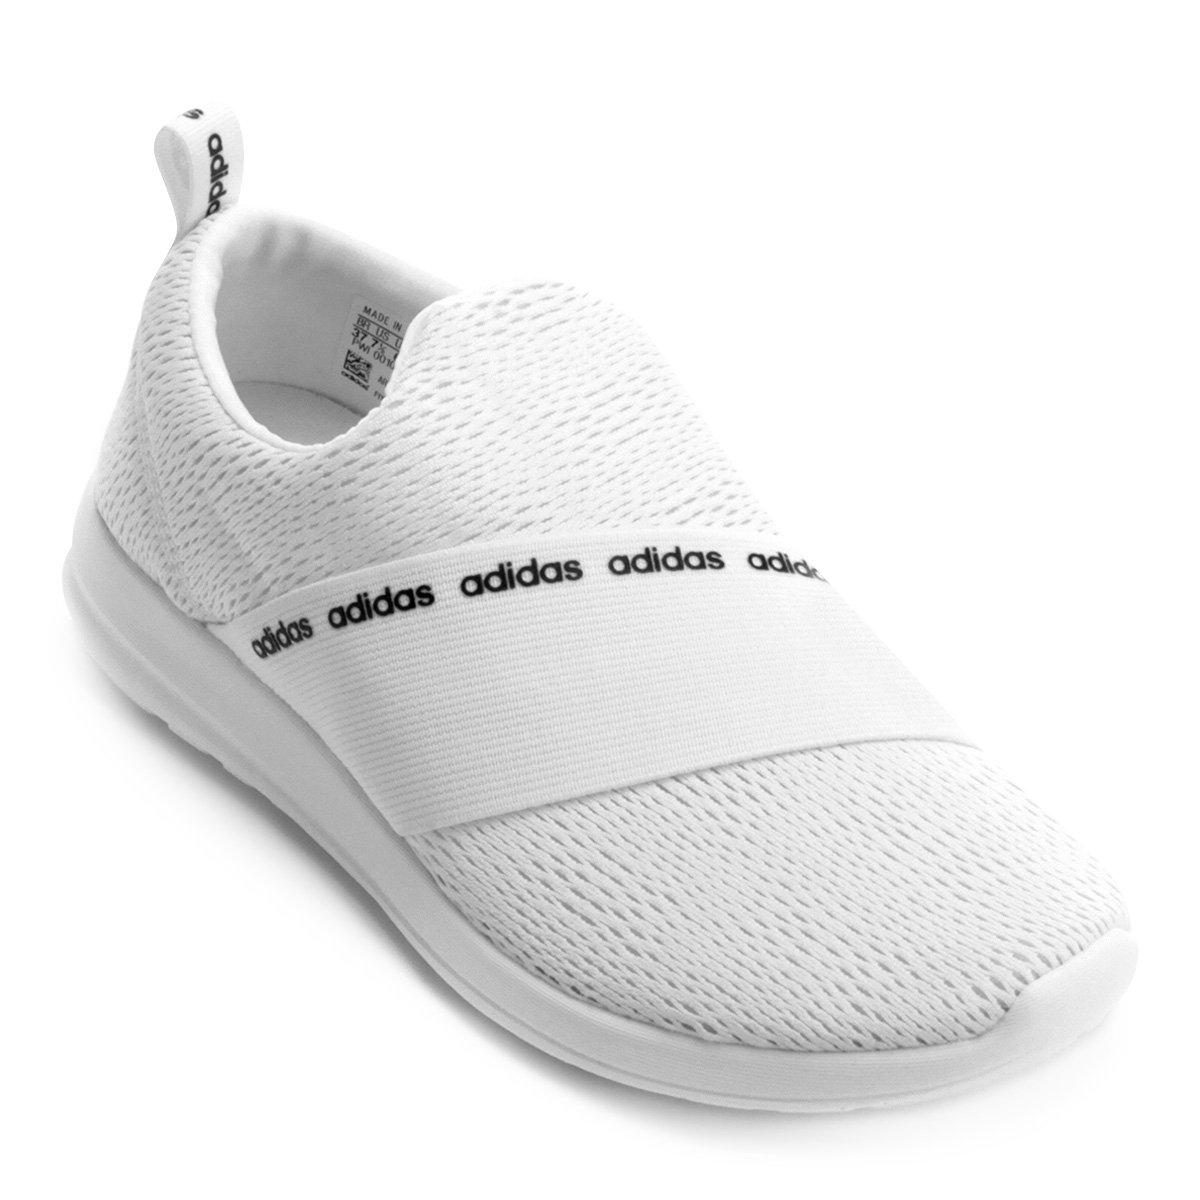 huge selection of 0fde1 045cd Tênis Adidas Cf Refine Adapt W Feminino - Branco - Compre Agora   São Paulo  Mania